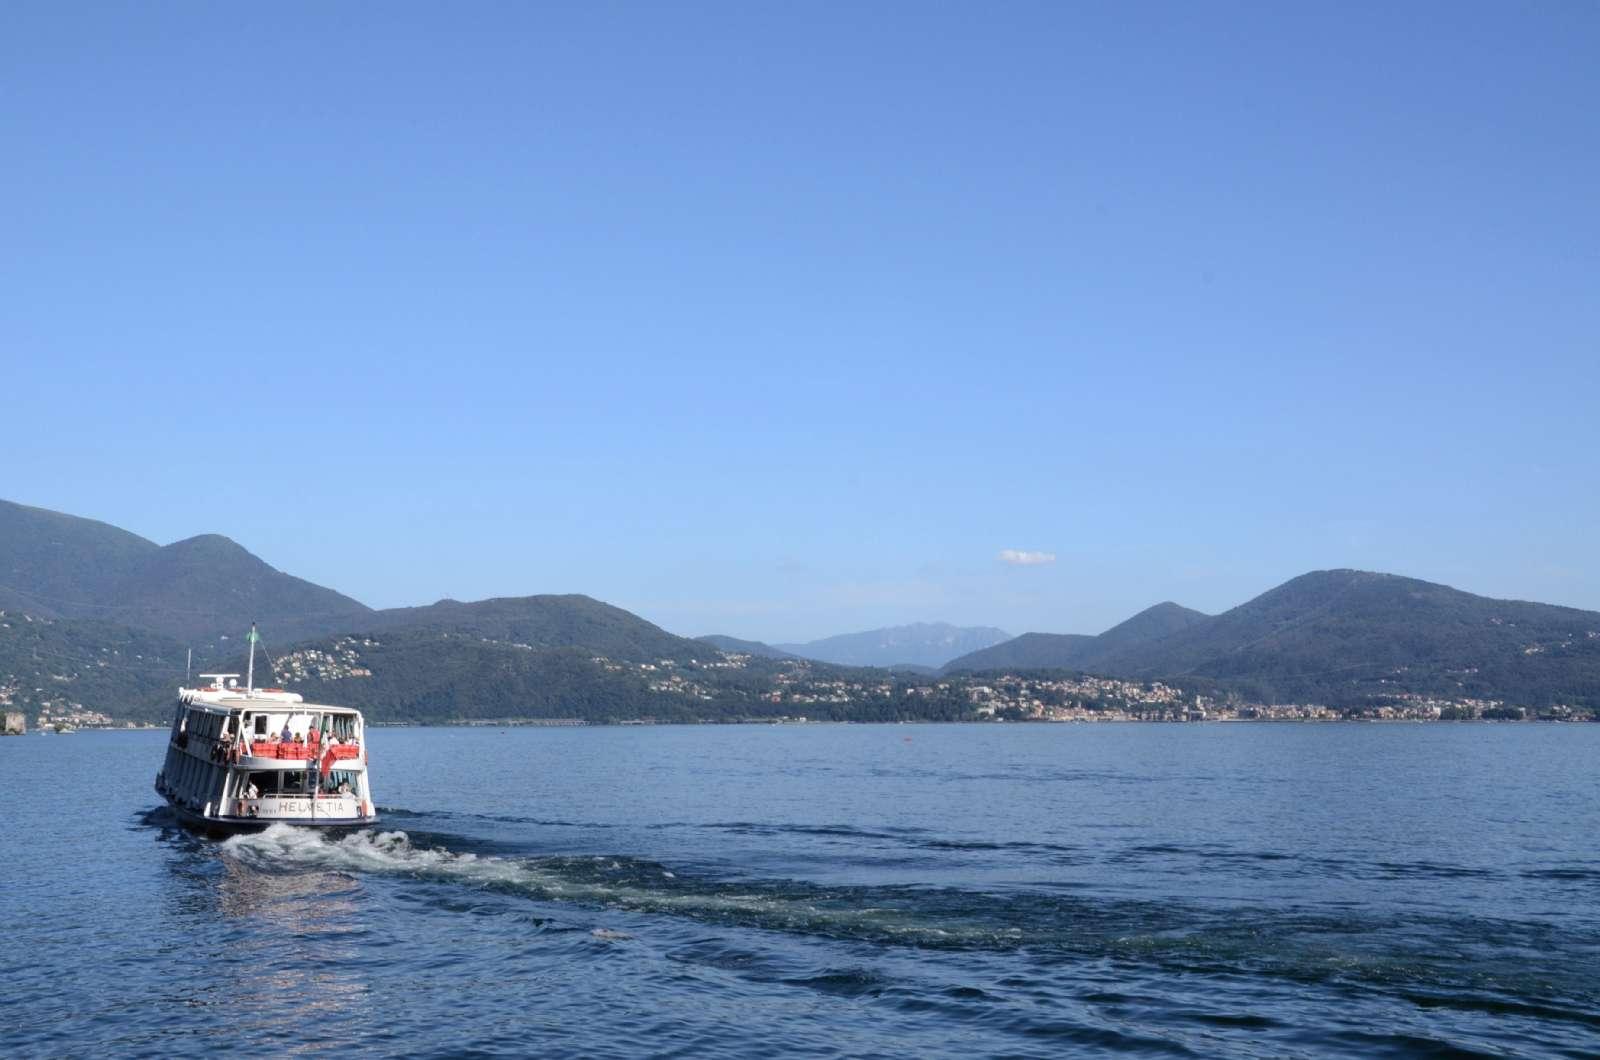 Sejl mellem de smukke byer på Maggioresøen